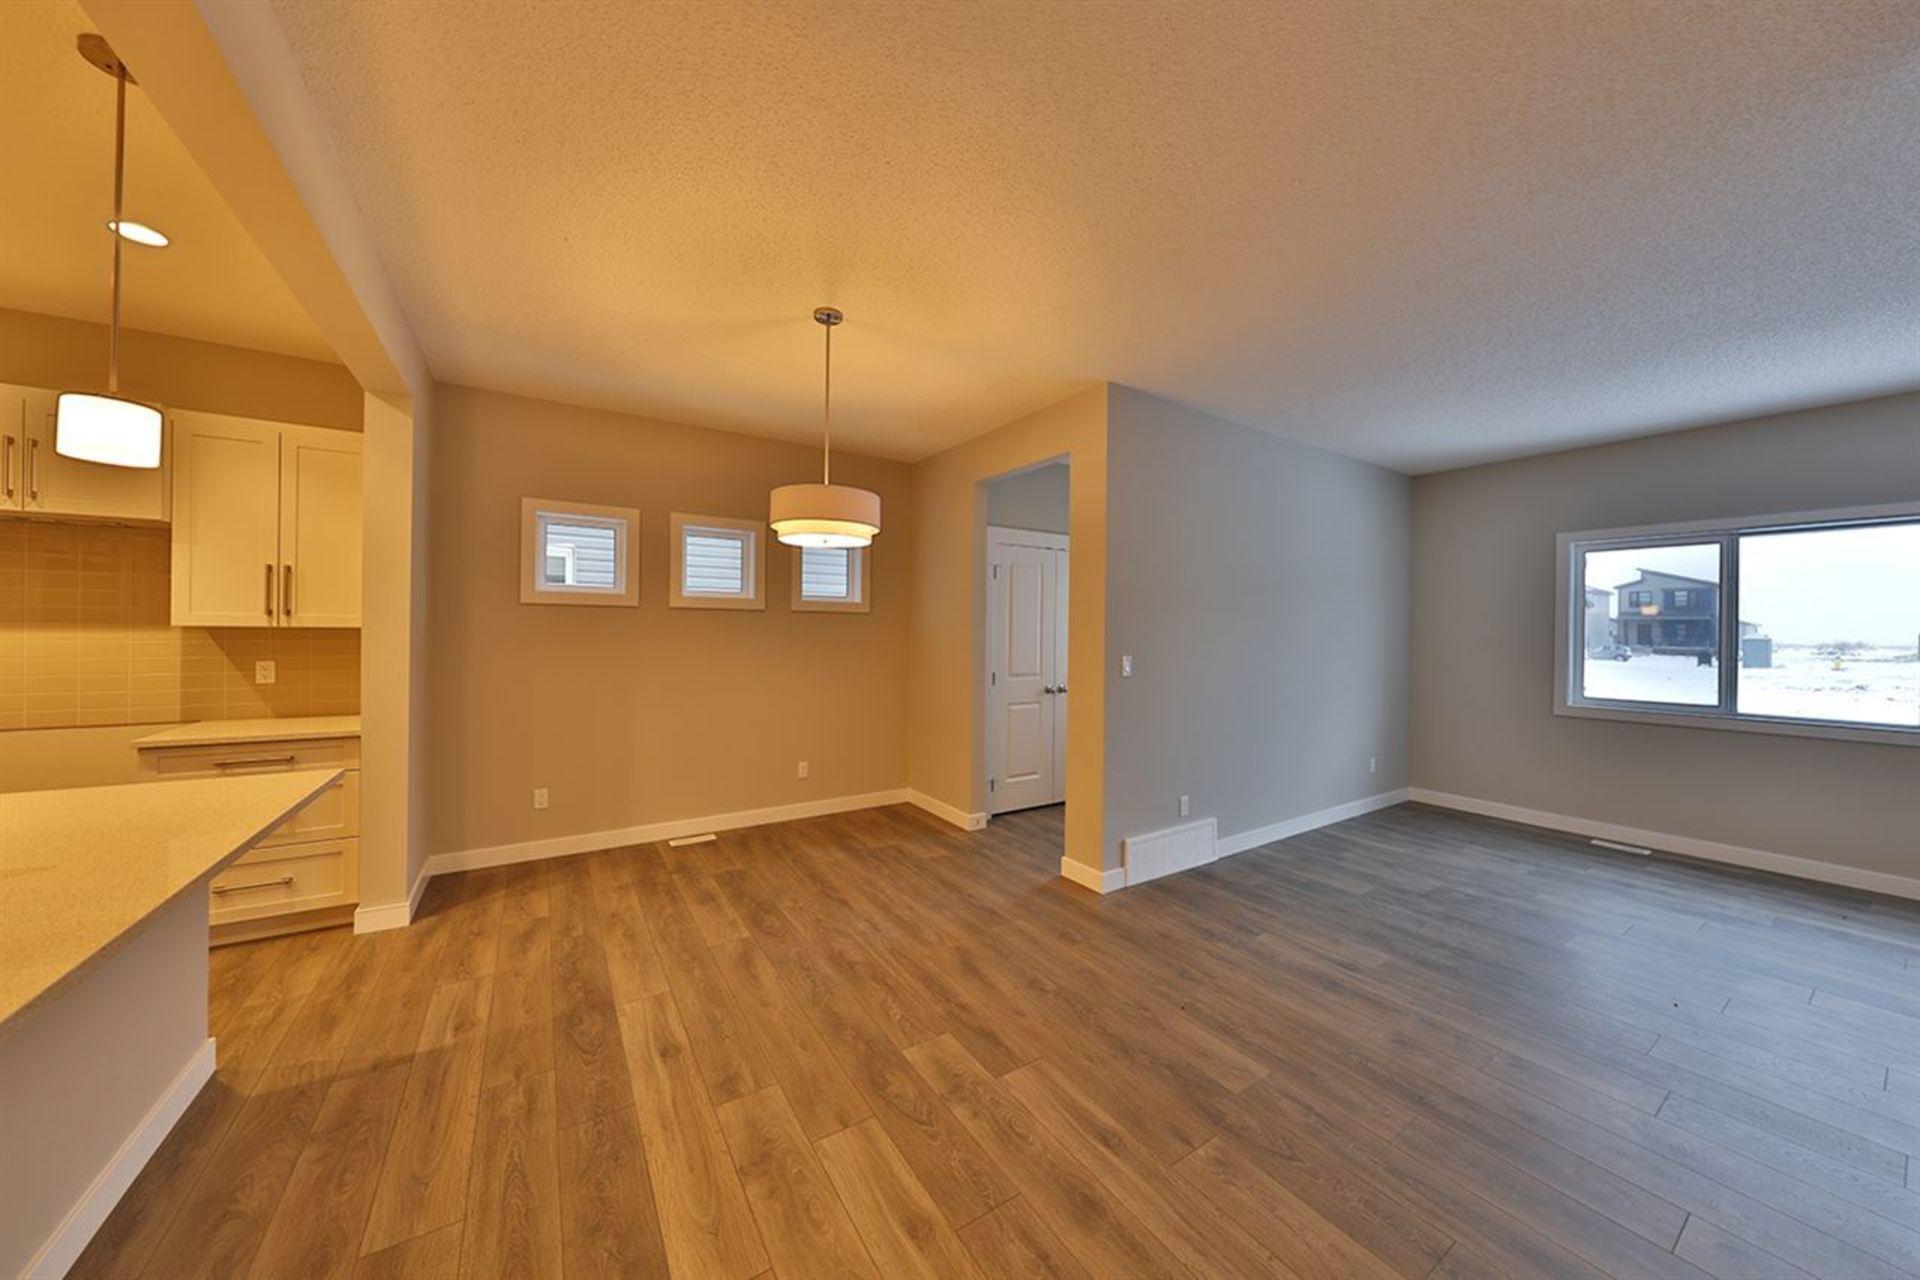 18119-76-street-crystallina-nera-west-edmonton-06 at 18119 76 Street, Crystallina Nera West, Edmonton